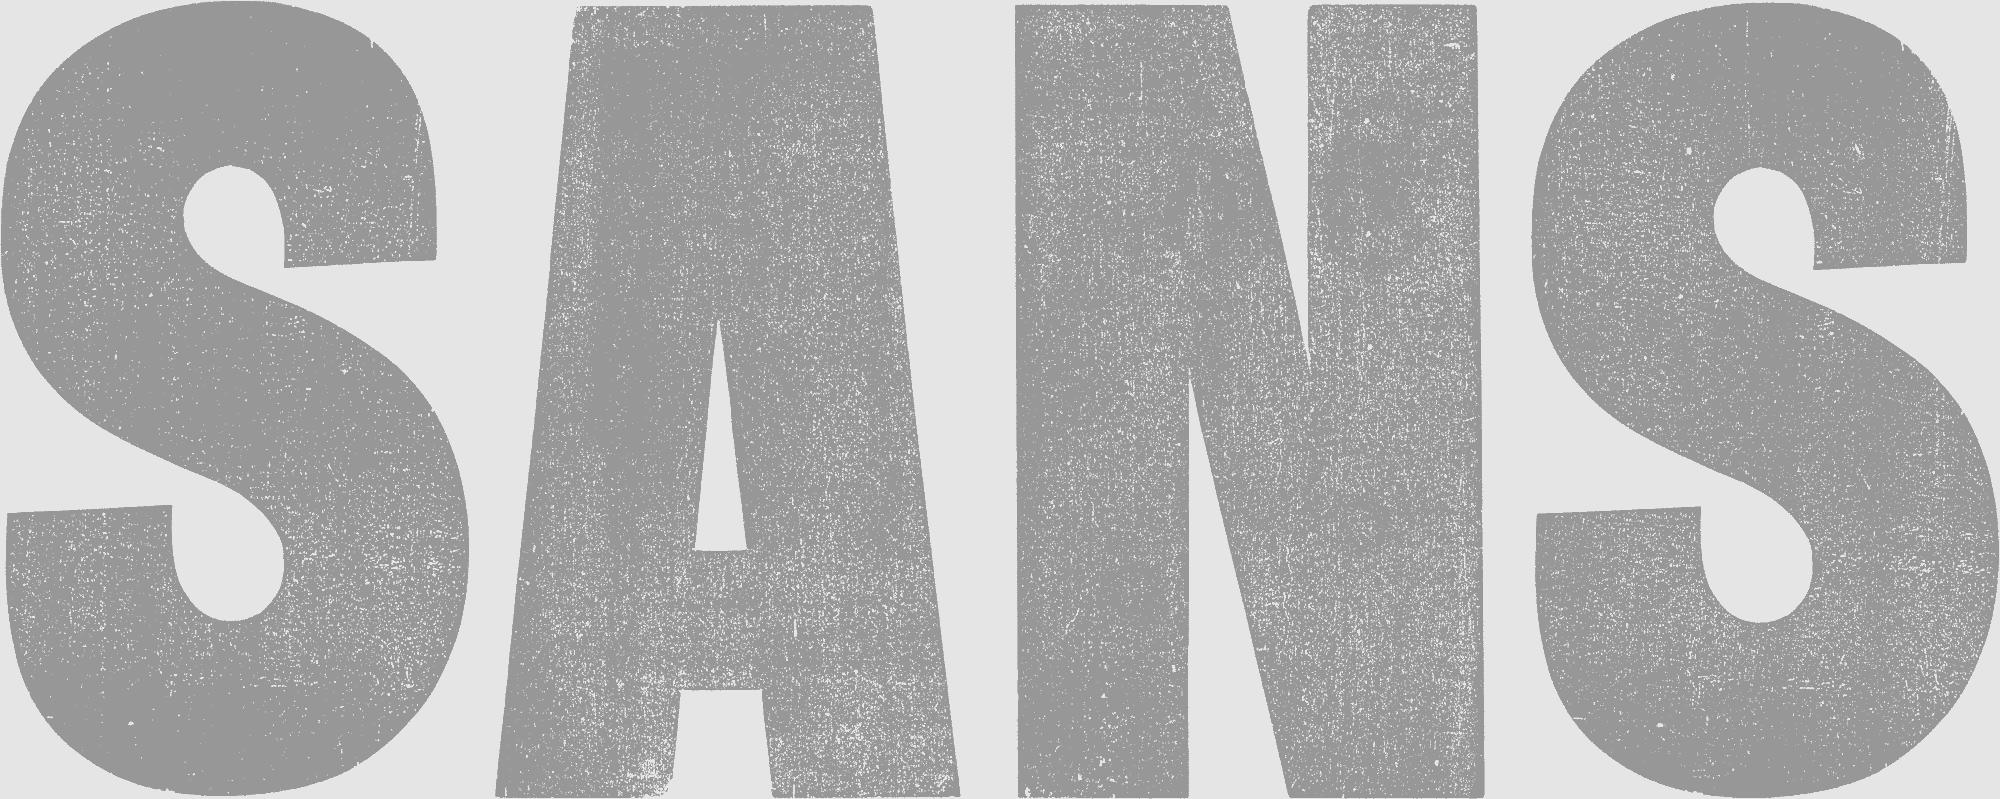 Sample of Sans Surryphs wood type